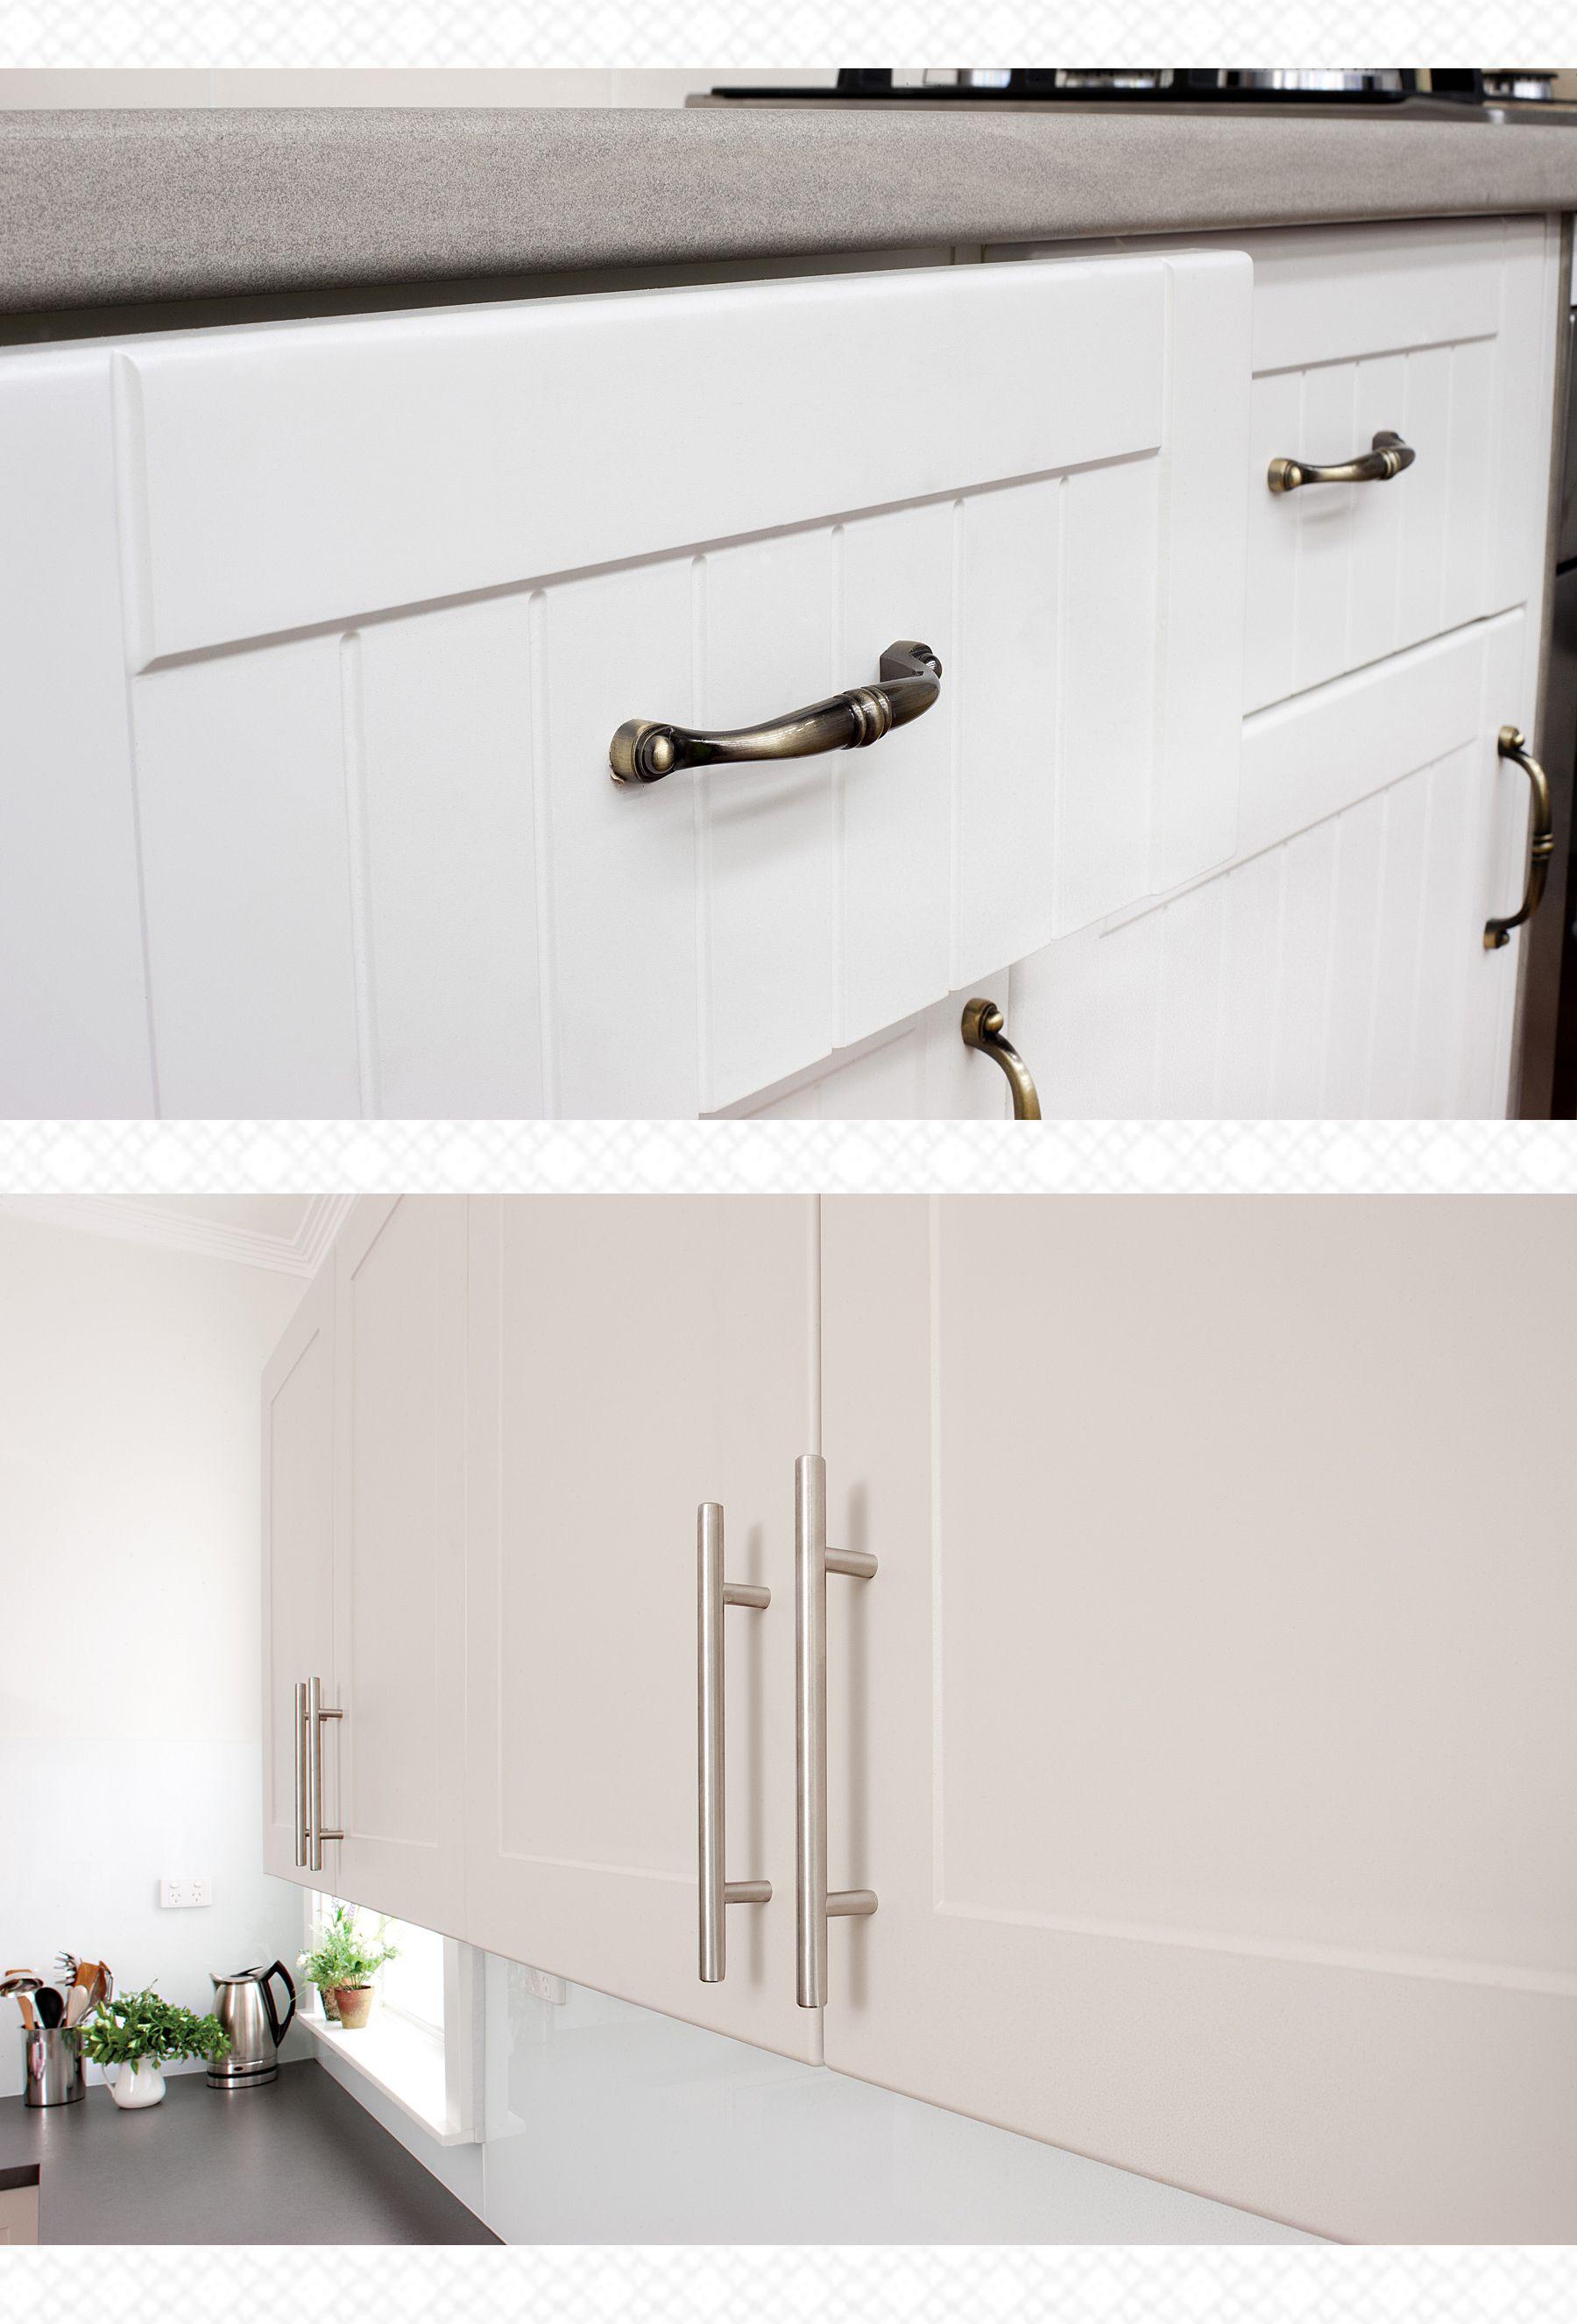 pin by nicole shaddock on kitchens beautiful kitchens kitchen kaboodle on kaboodle antique white kitchen id=80042